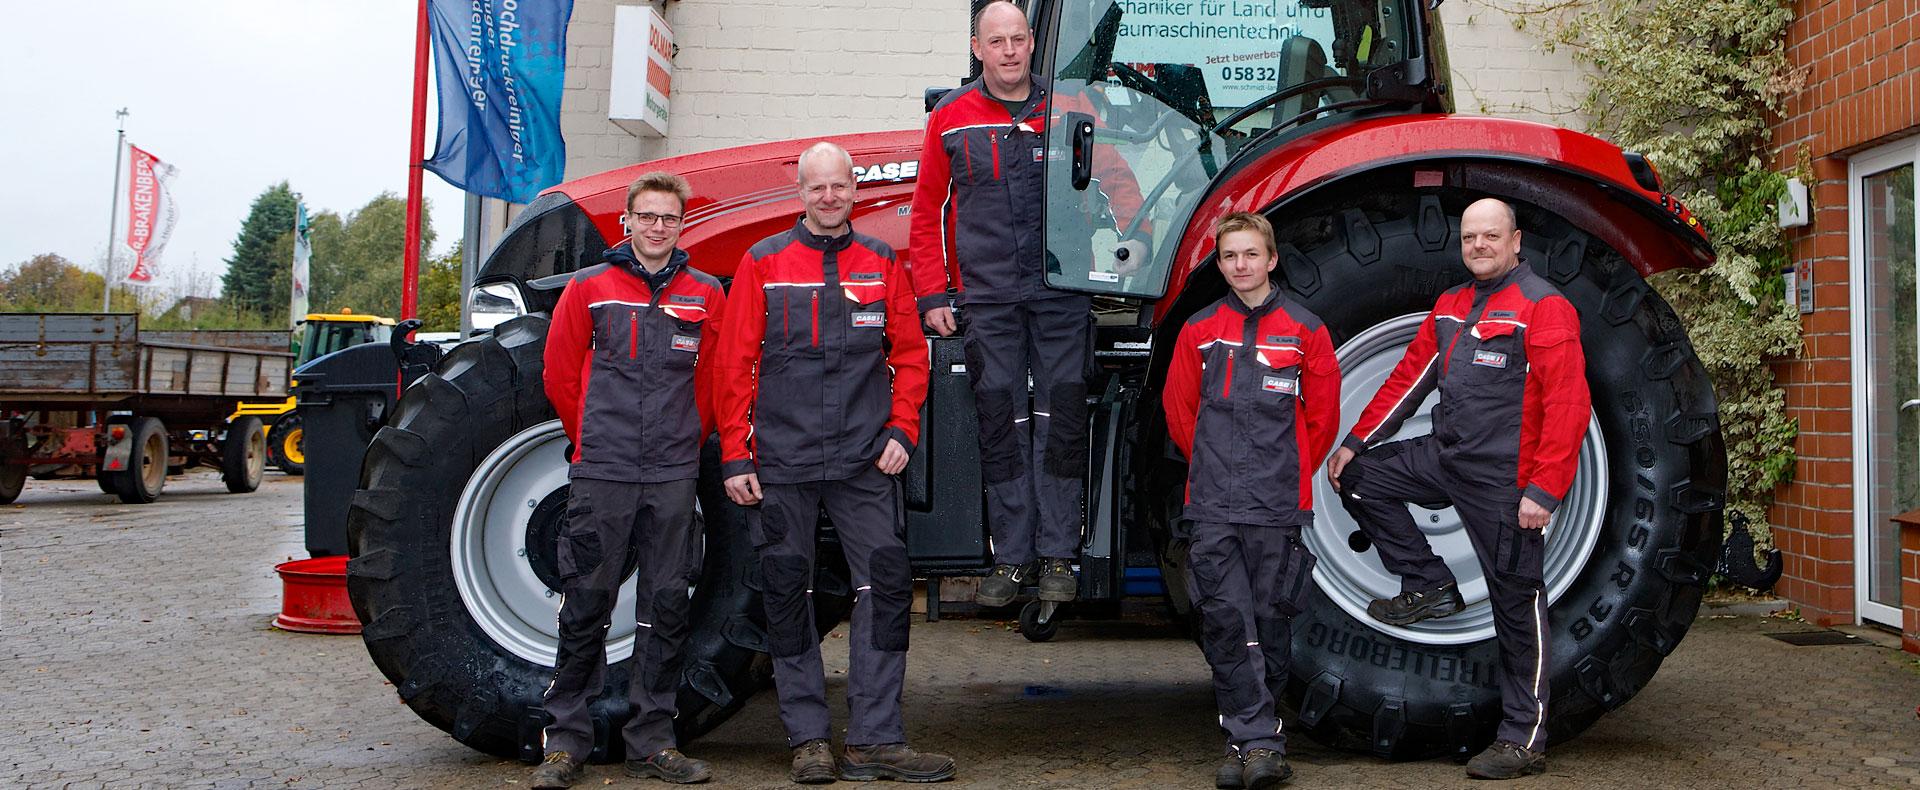 Schmidt Landmaschinen Steimke - Werkstatt-Team